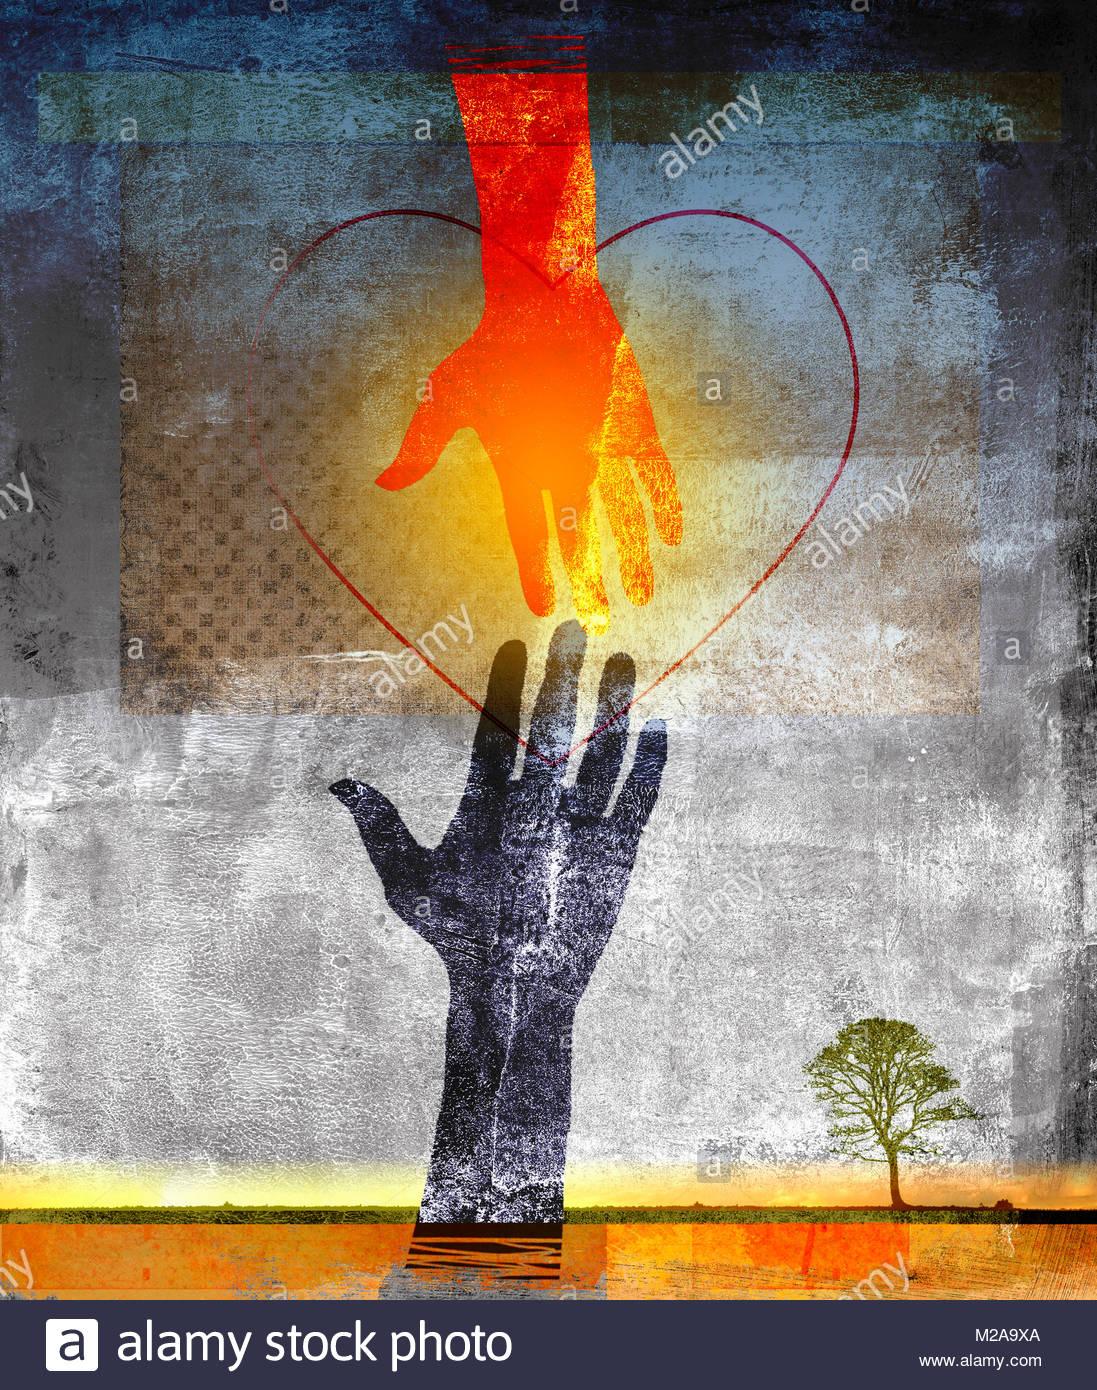 Forme de coeur plus de mains tendues pour toucher Photo Stock